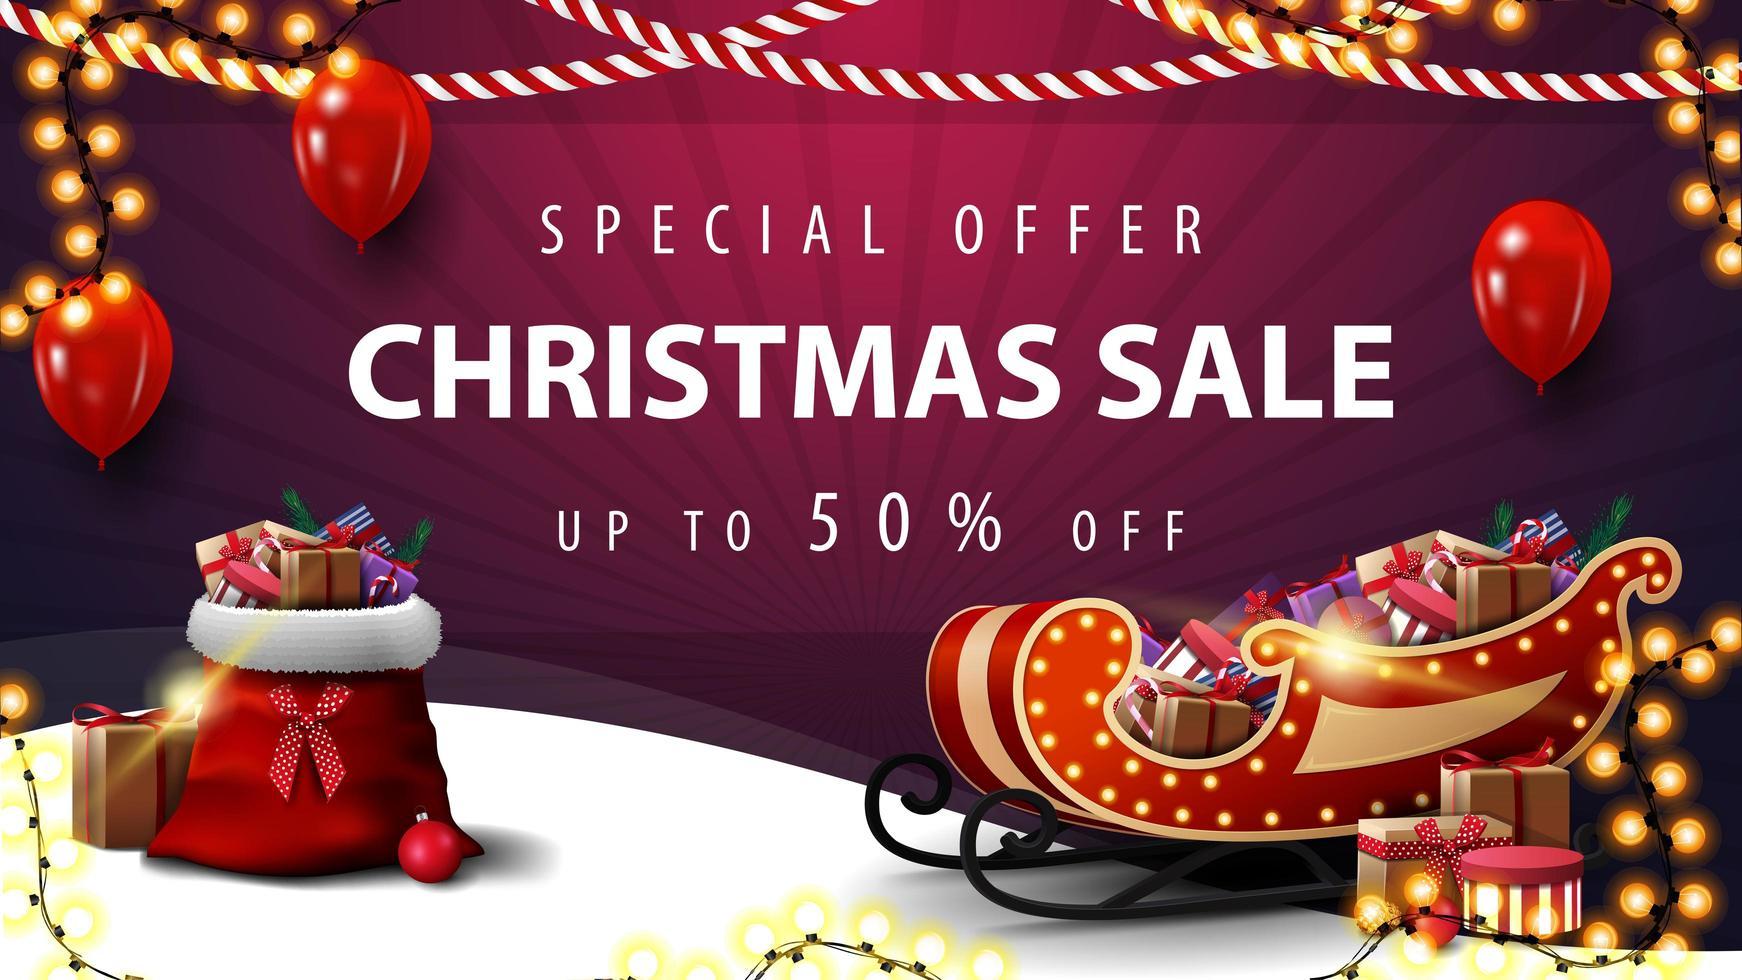 speciale aanbieding, kerstuitverkoop, tot 50 korting, paarse kortingsbanner met slinger, rode ballonnen, kerstman tas en kerstman slee met cadeautjes vector